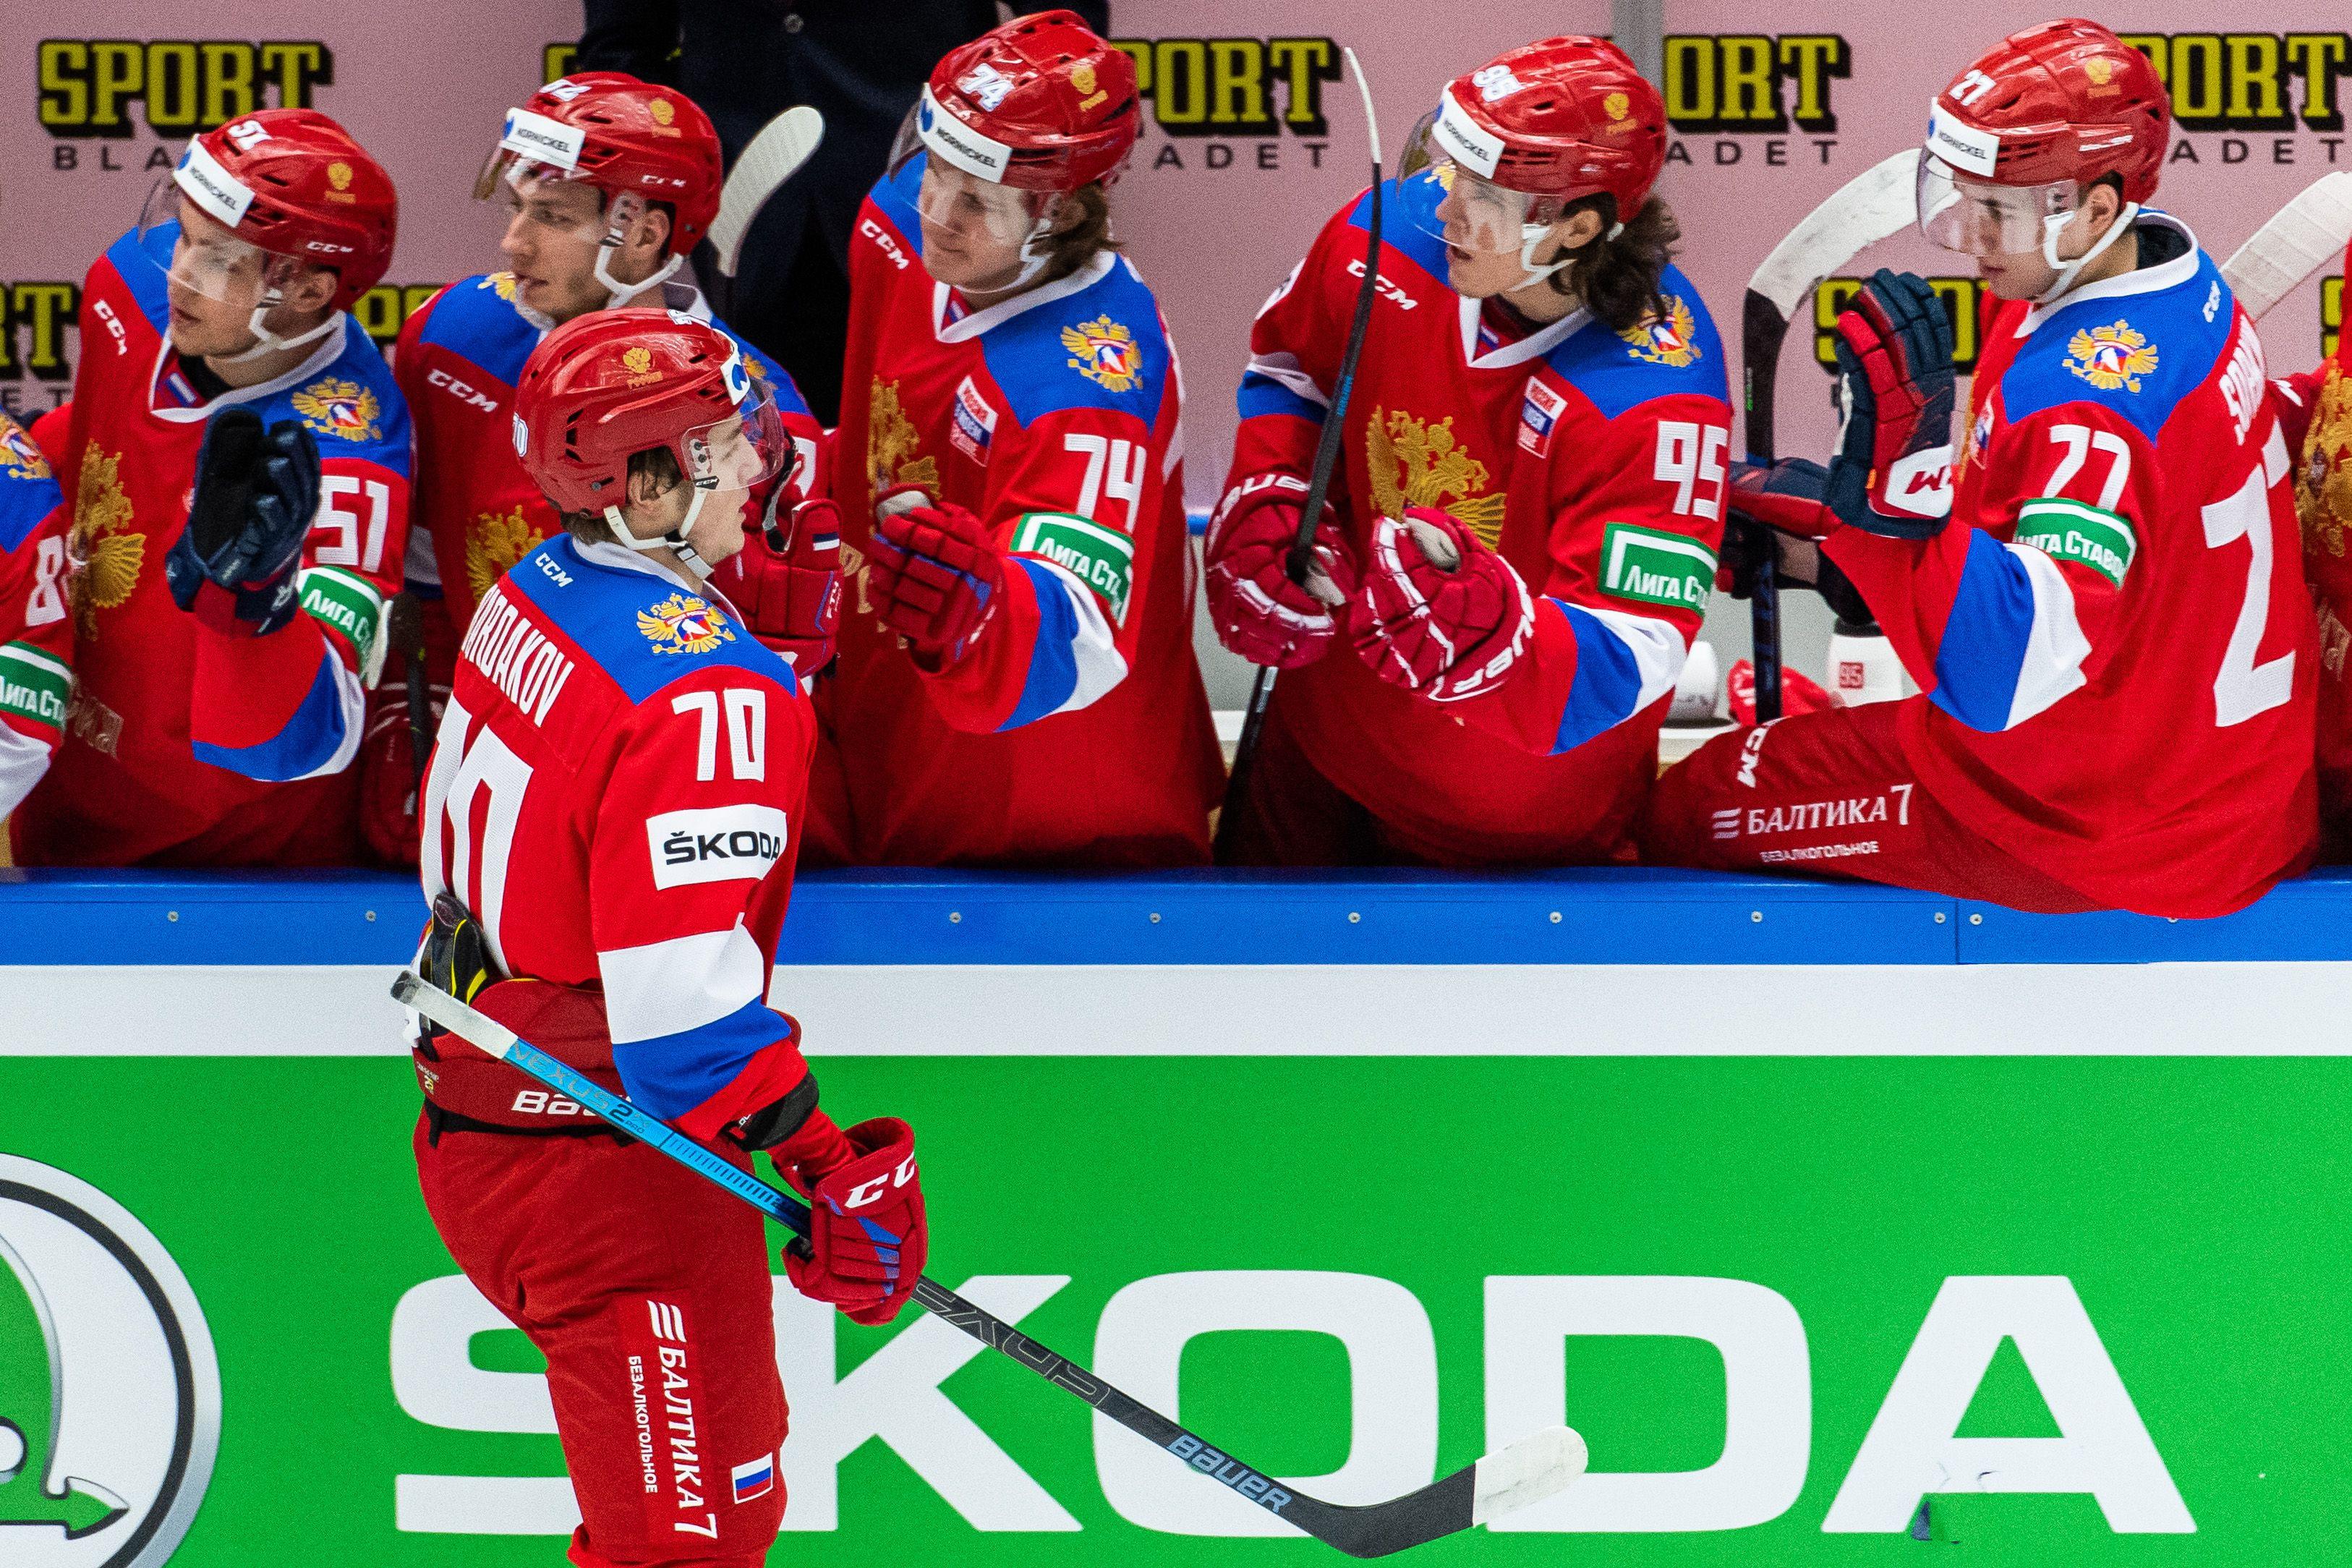 Сборная России по хоккею выступит на ЧМ-2021 под флагом ОКР или ФХР